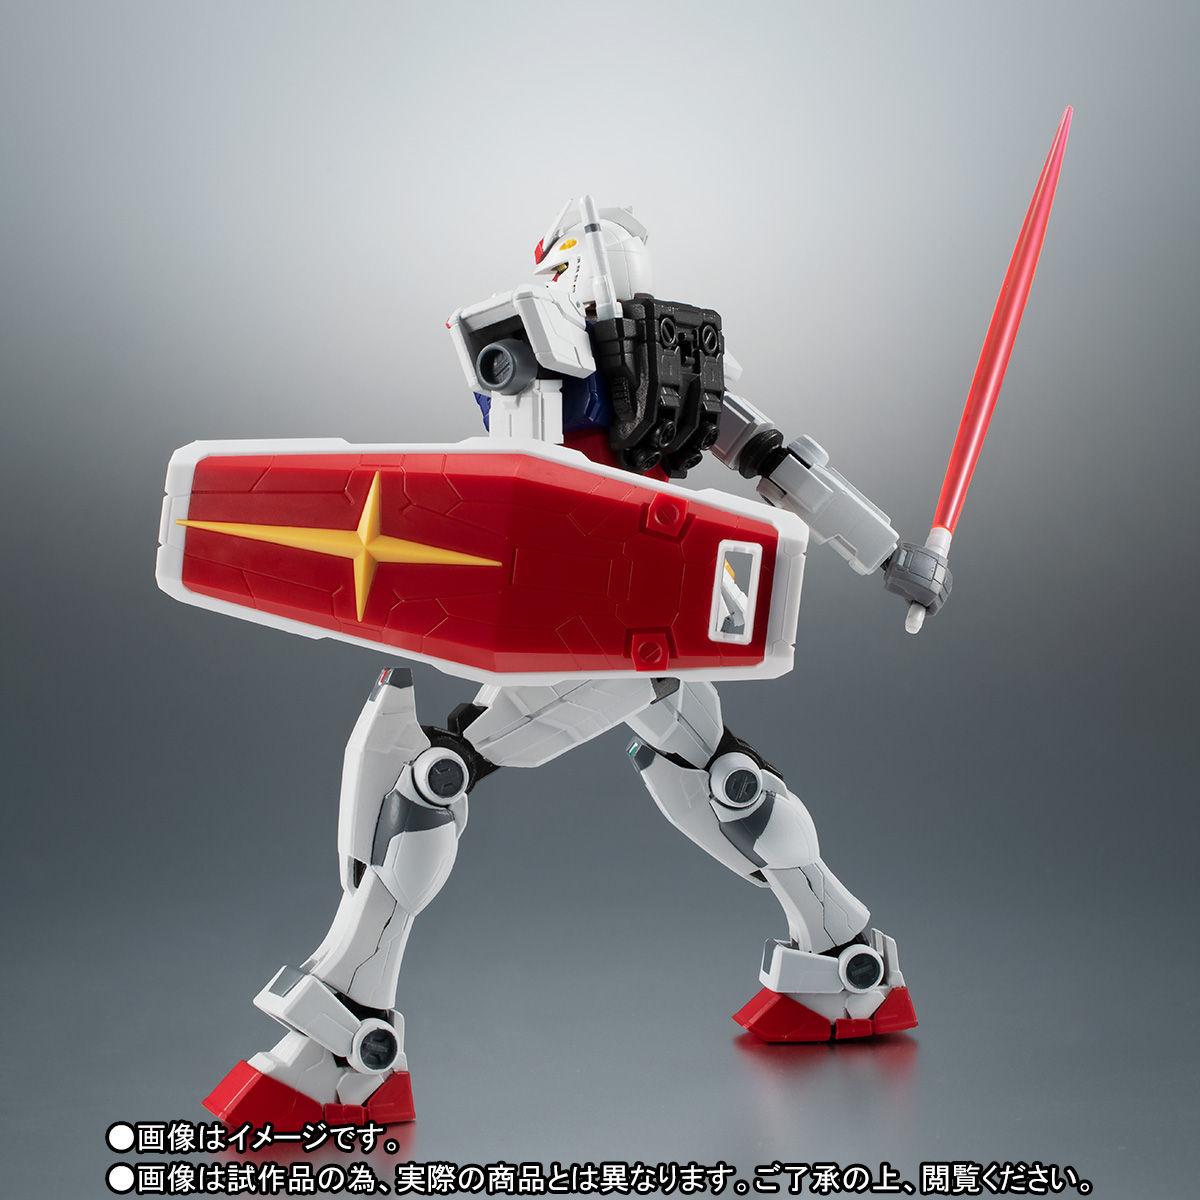 【限定販売】ROBOT魂〈SIDE MS〉『RX-78F00 ガンダム』可動フィギュア-008